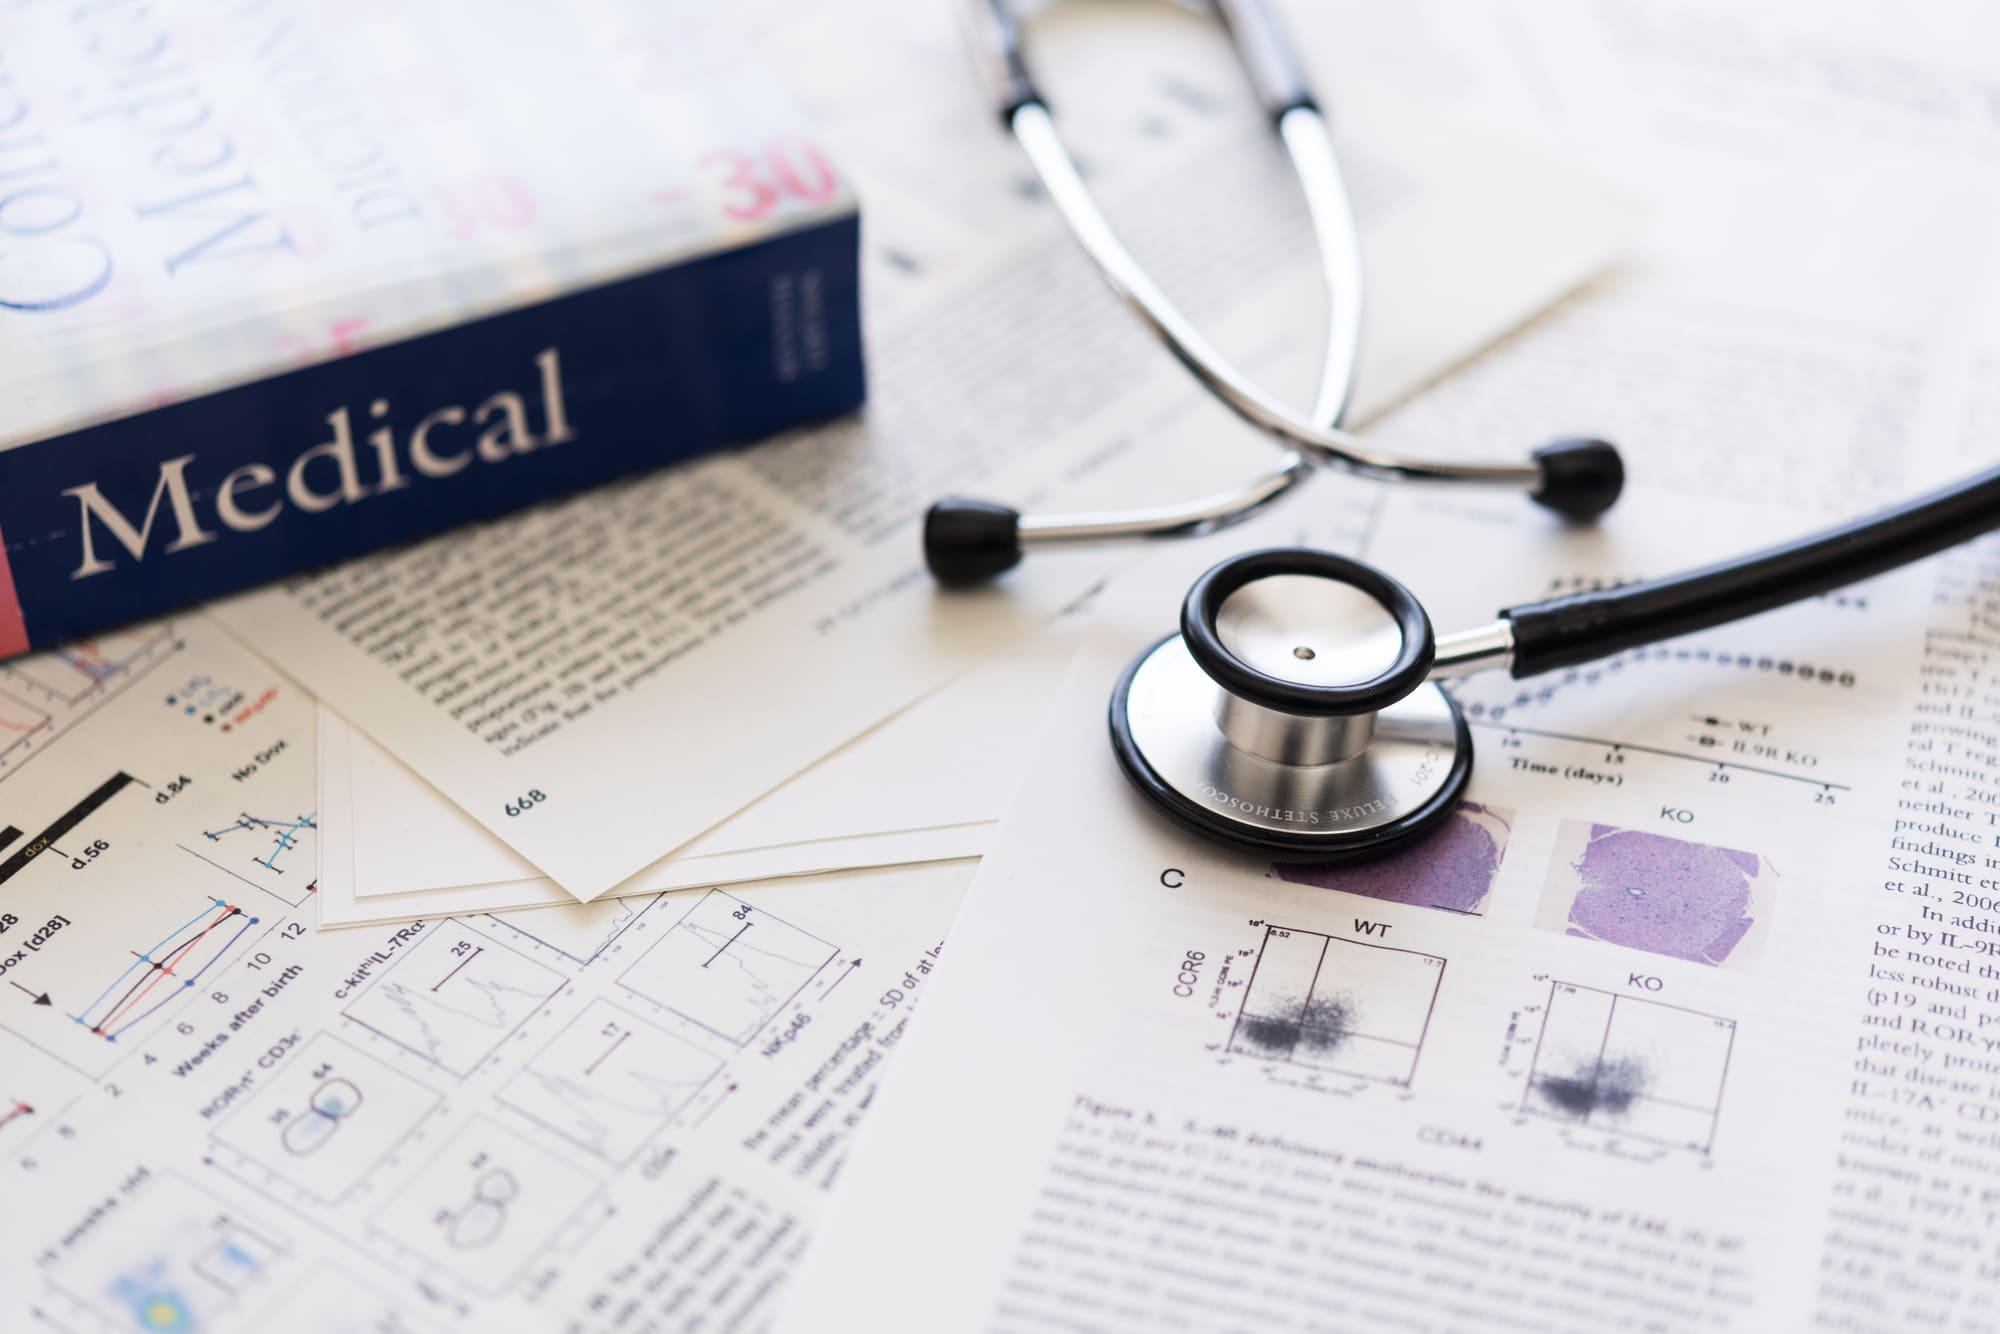 医療法人も事業専用のクレジットカードを!おすすめの法人カード7選